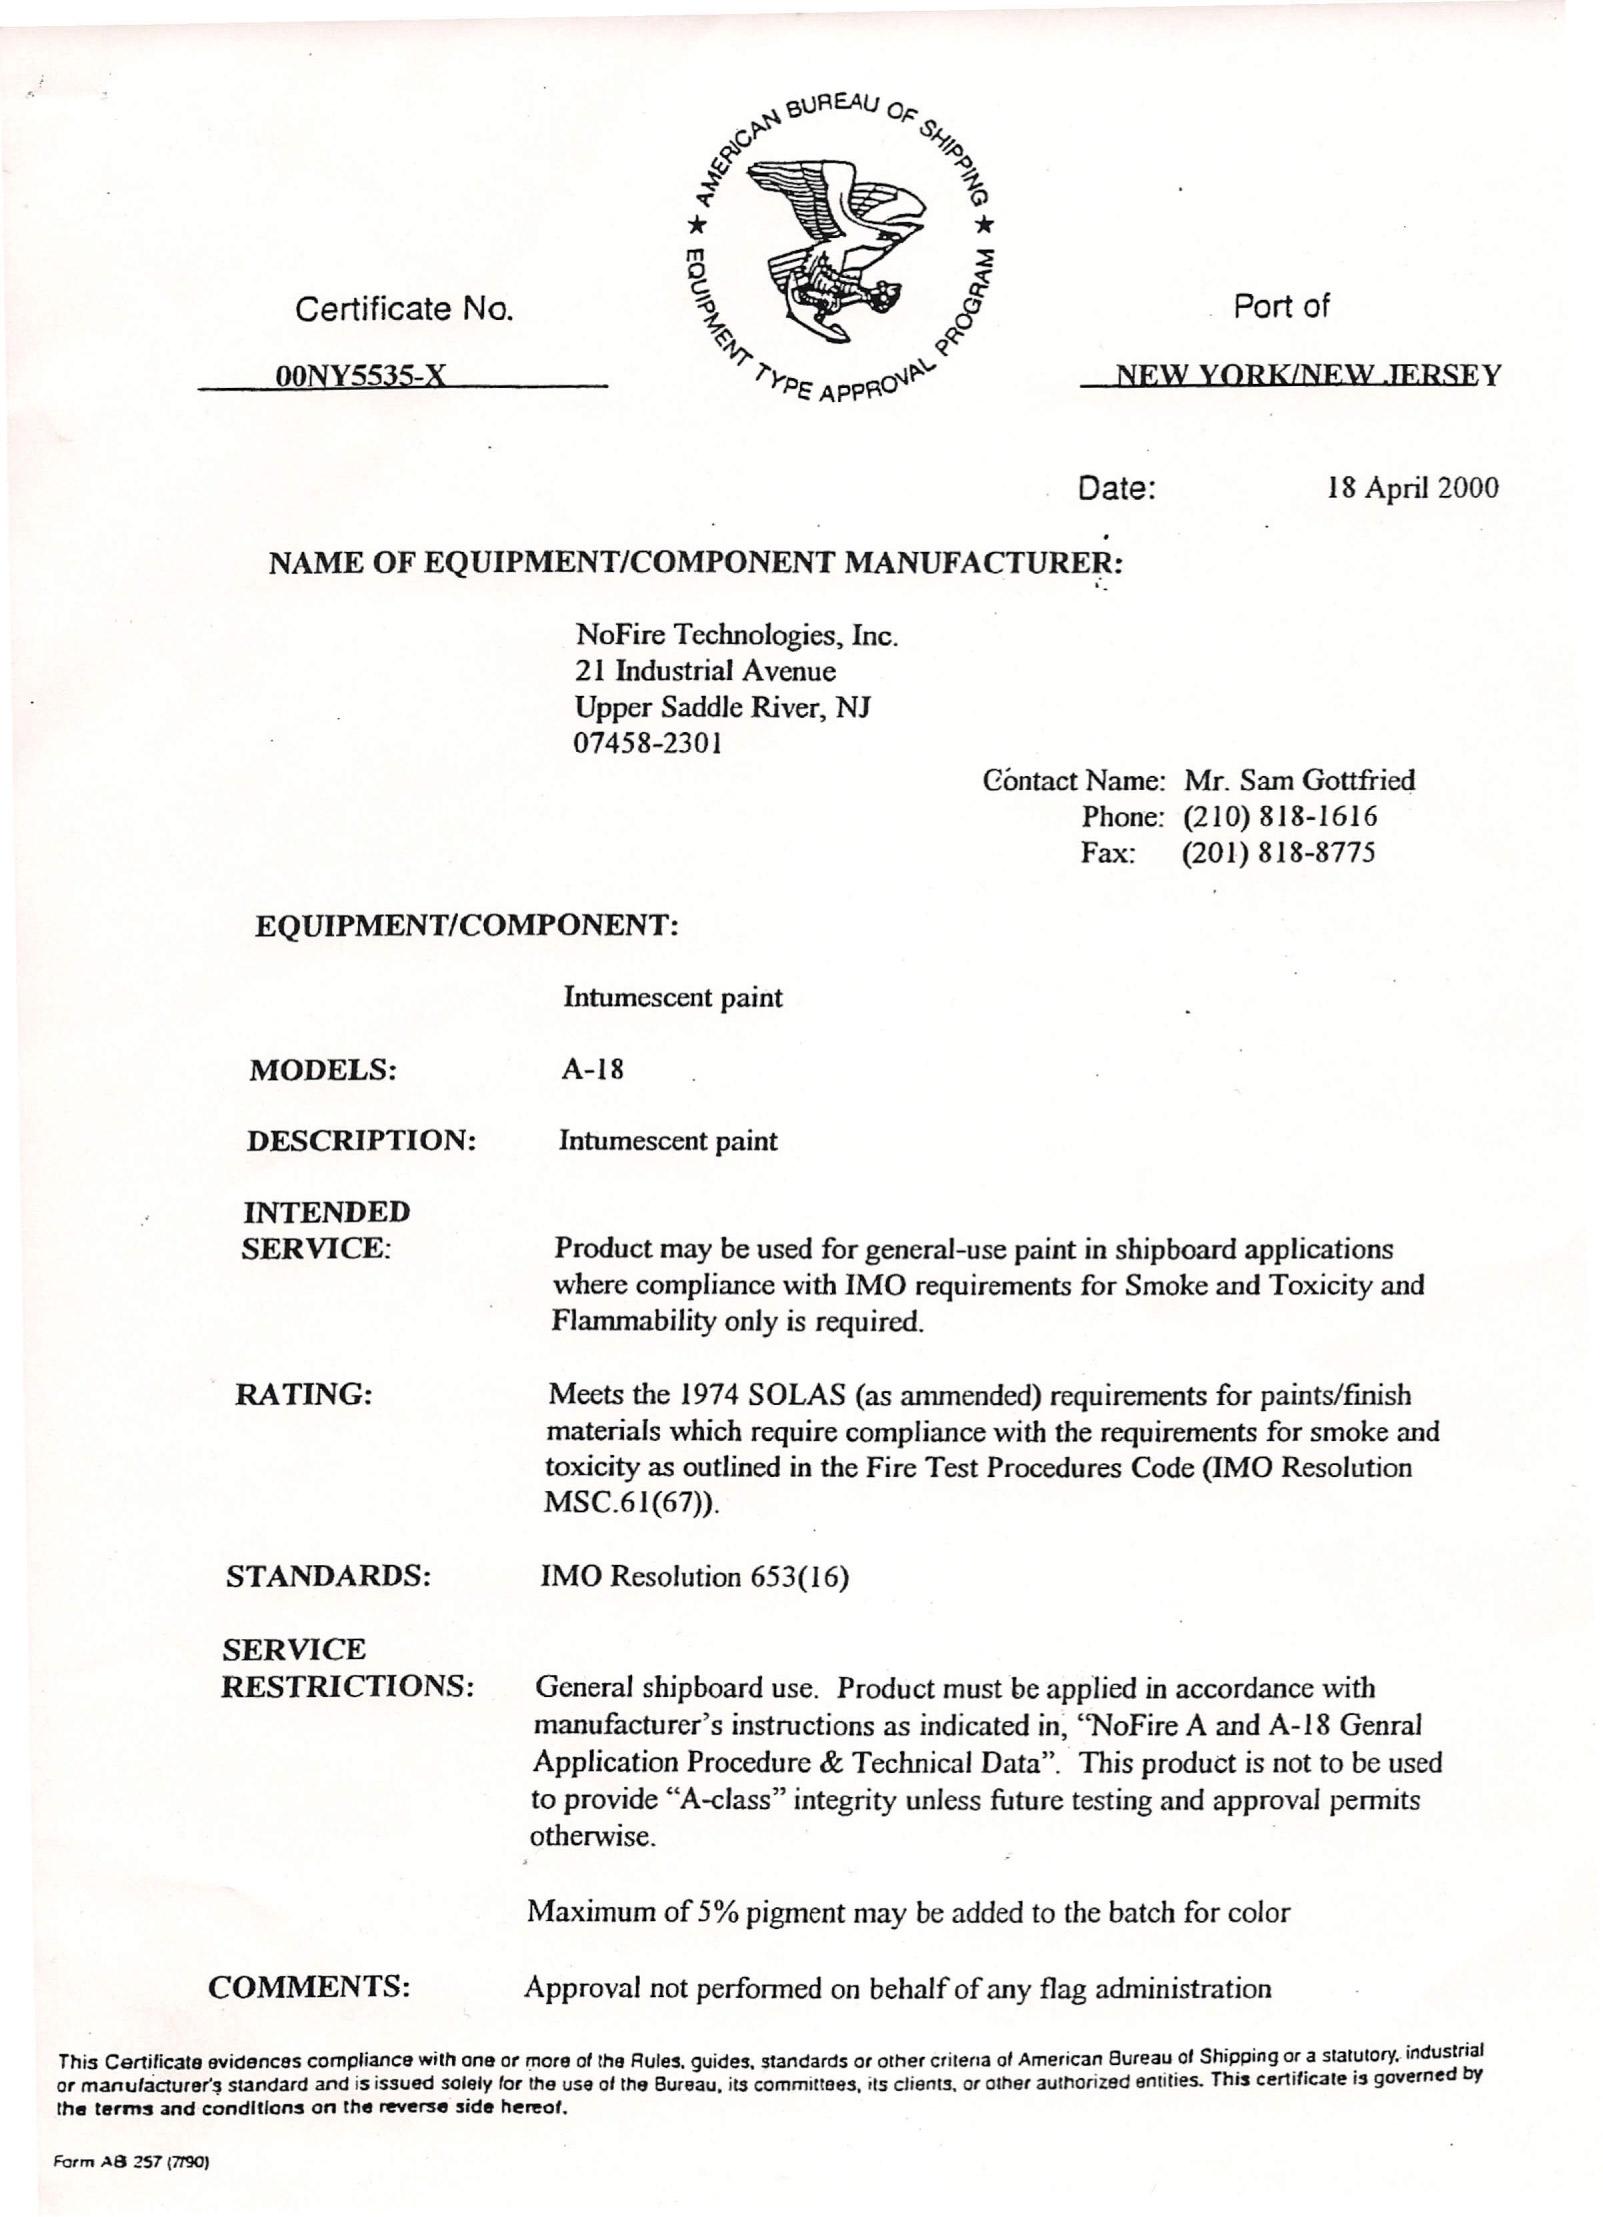 ABS_Certif-1